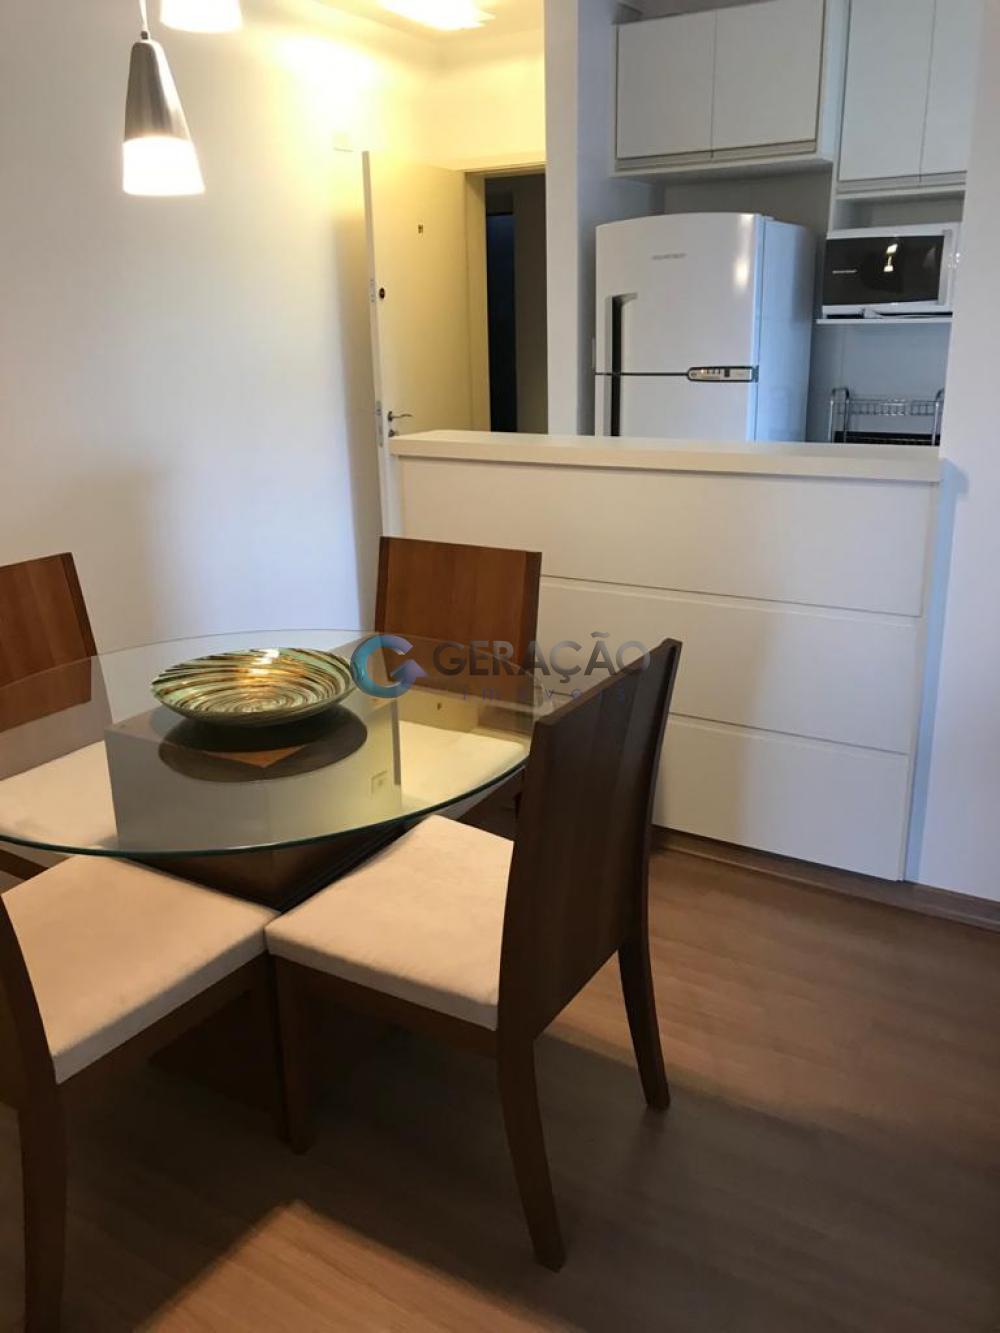 Comprar Apartamento / Padrão em São José dos Campos R$ 370.000,00 - Foto 6